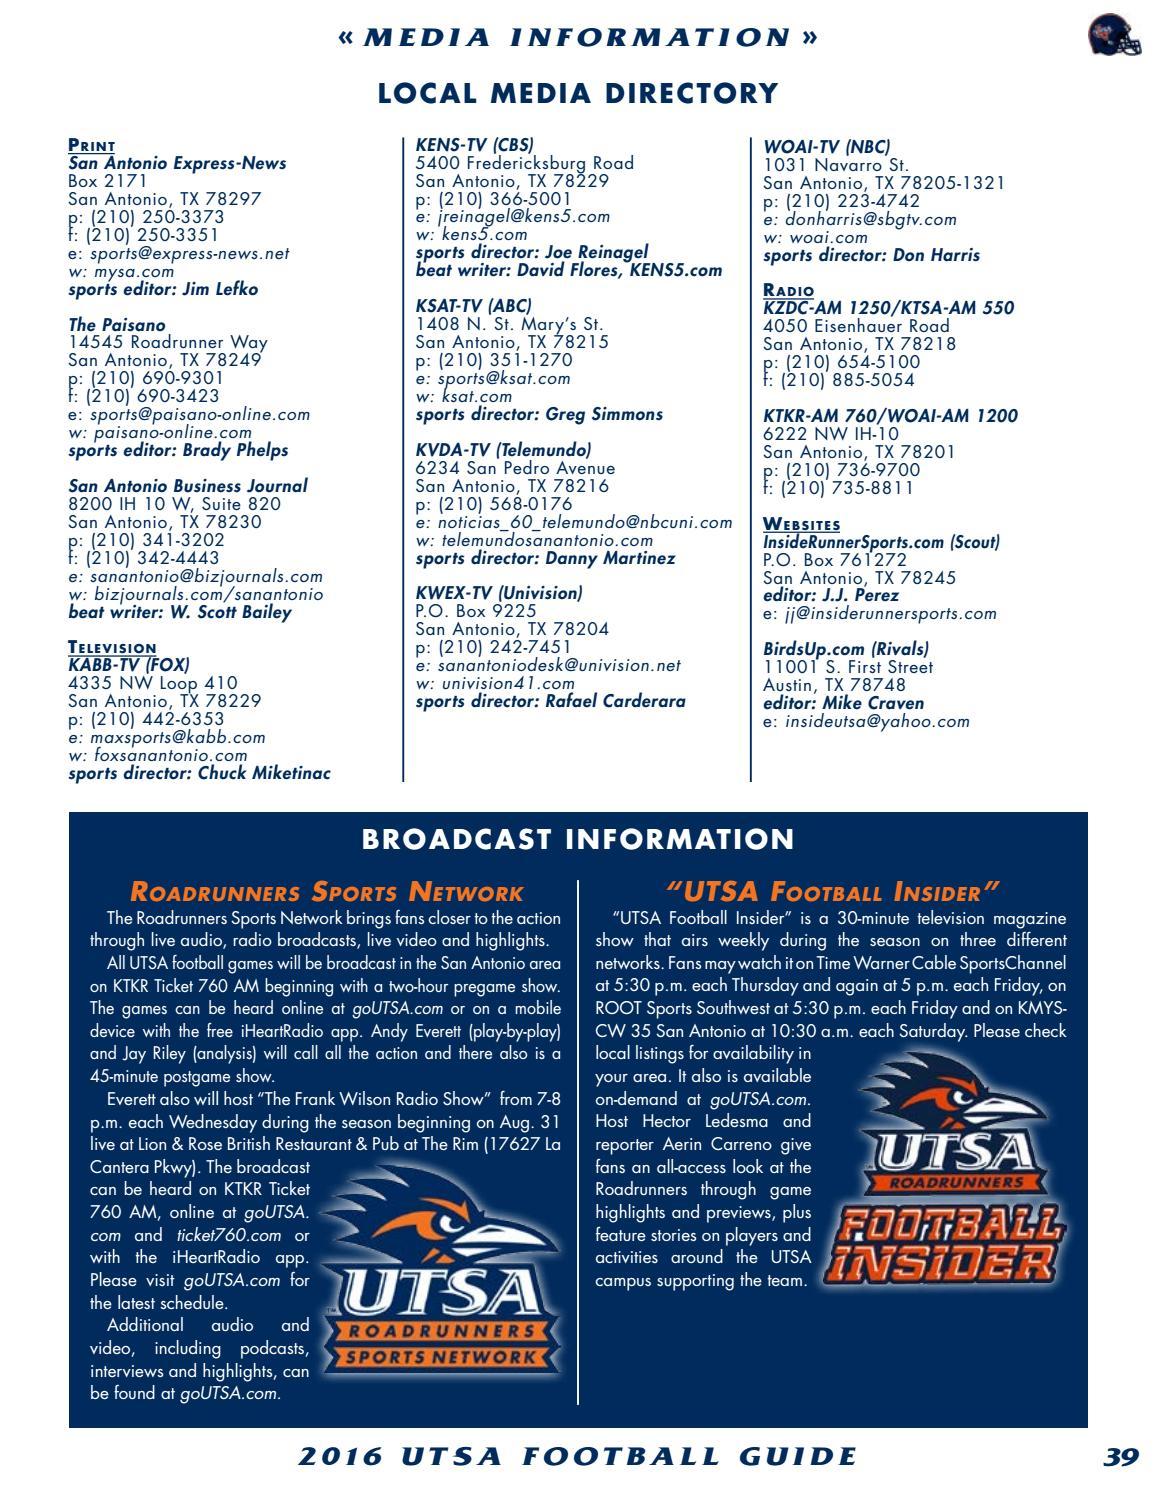 2016 UTSA Football Media Guide by UTSA Athletics